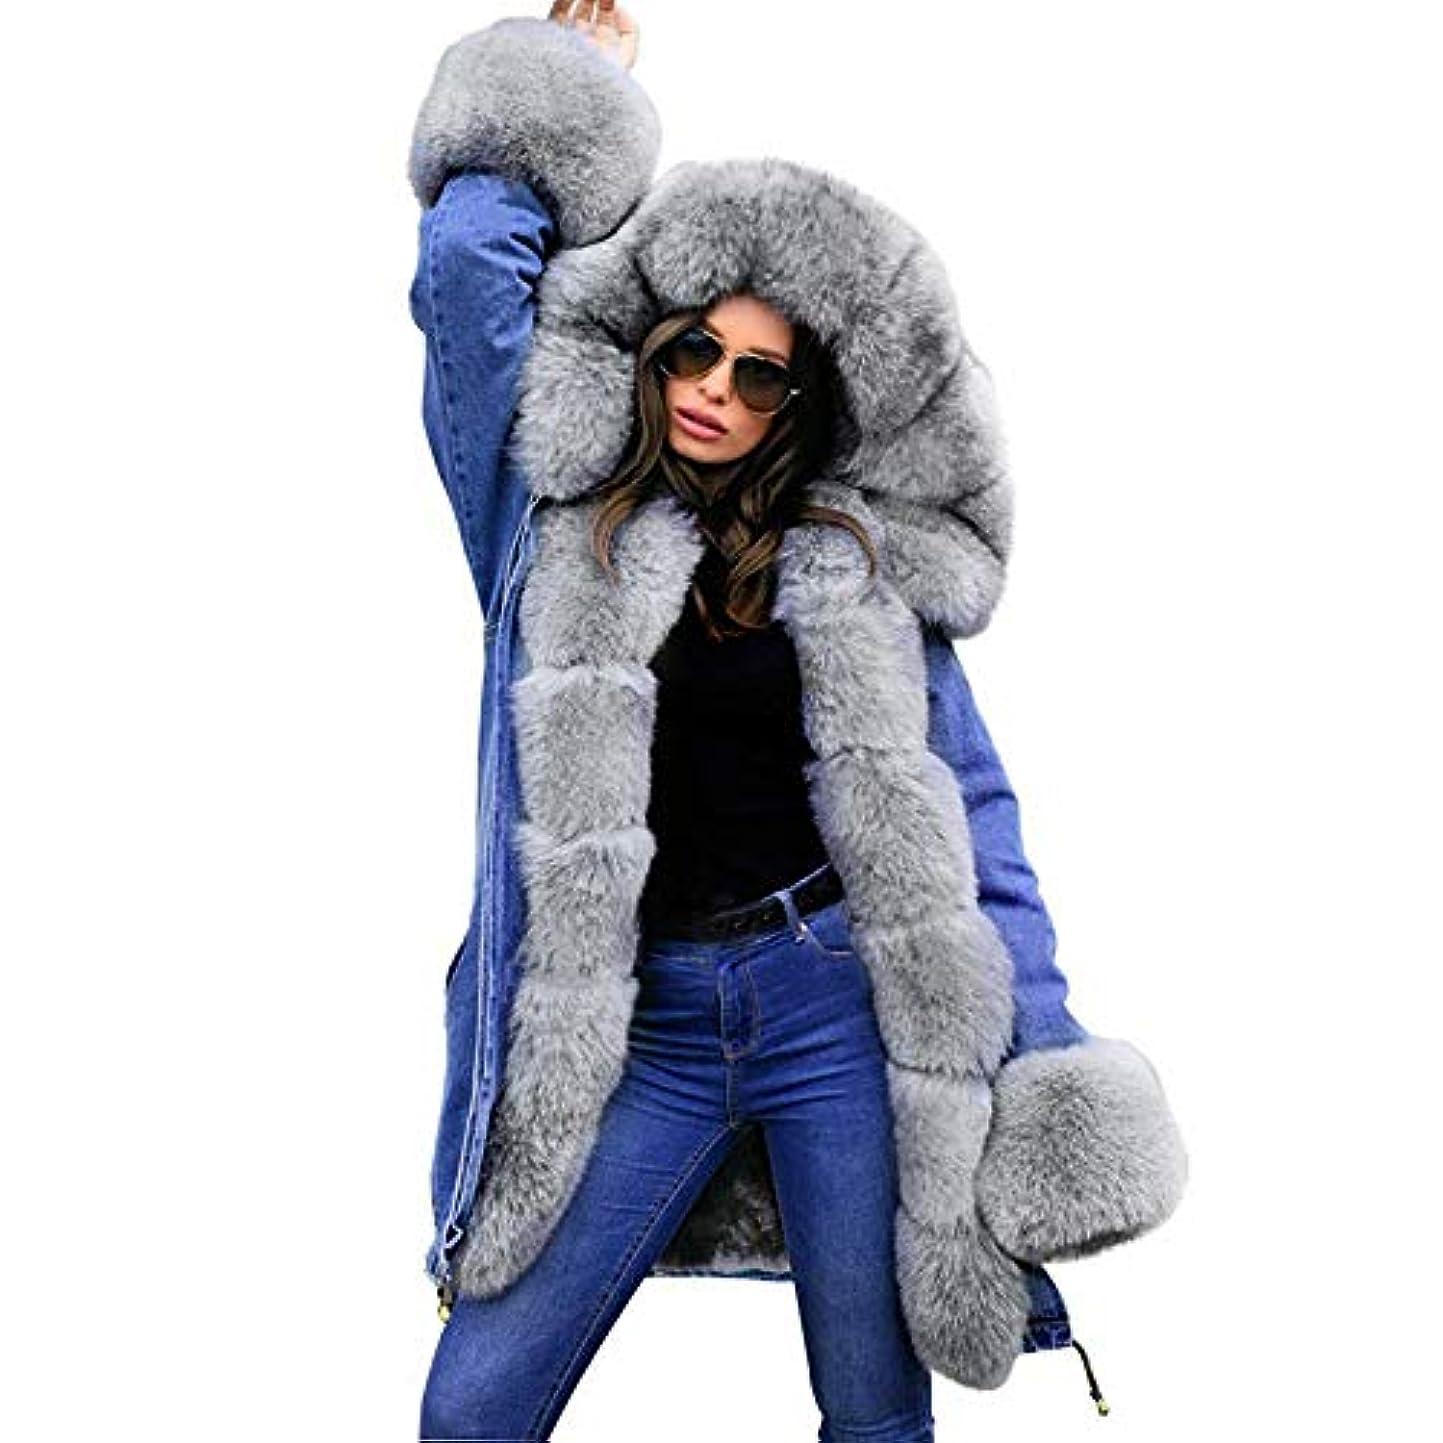 フロント祝福急速な冬の女性のフード付きコートの毛皮の襟暖かいロングコートの女性の冬のジャケット女性のアウター,S